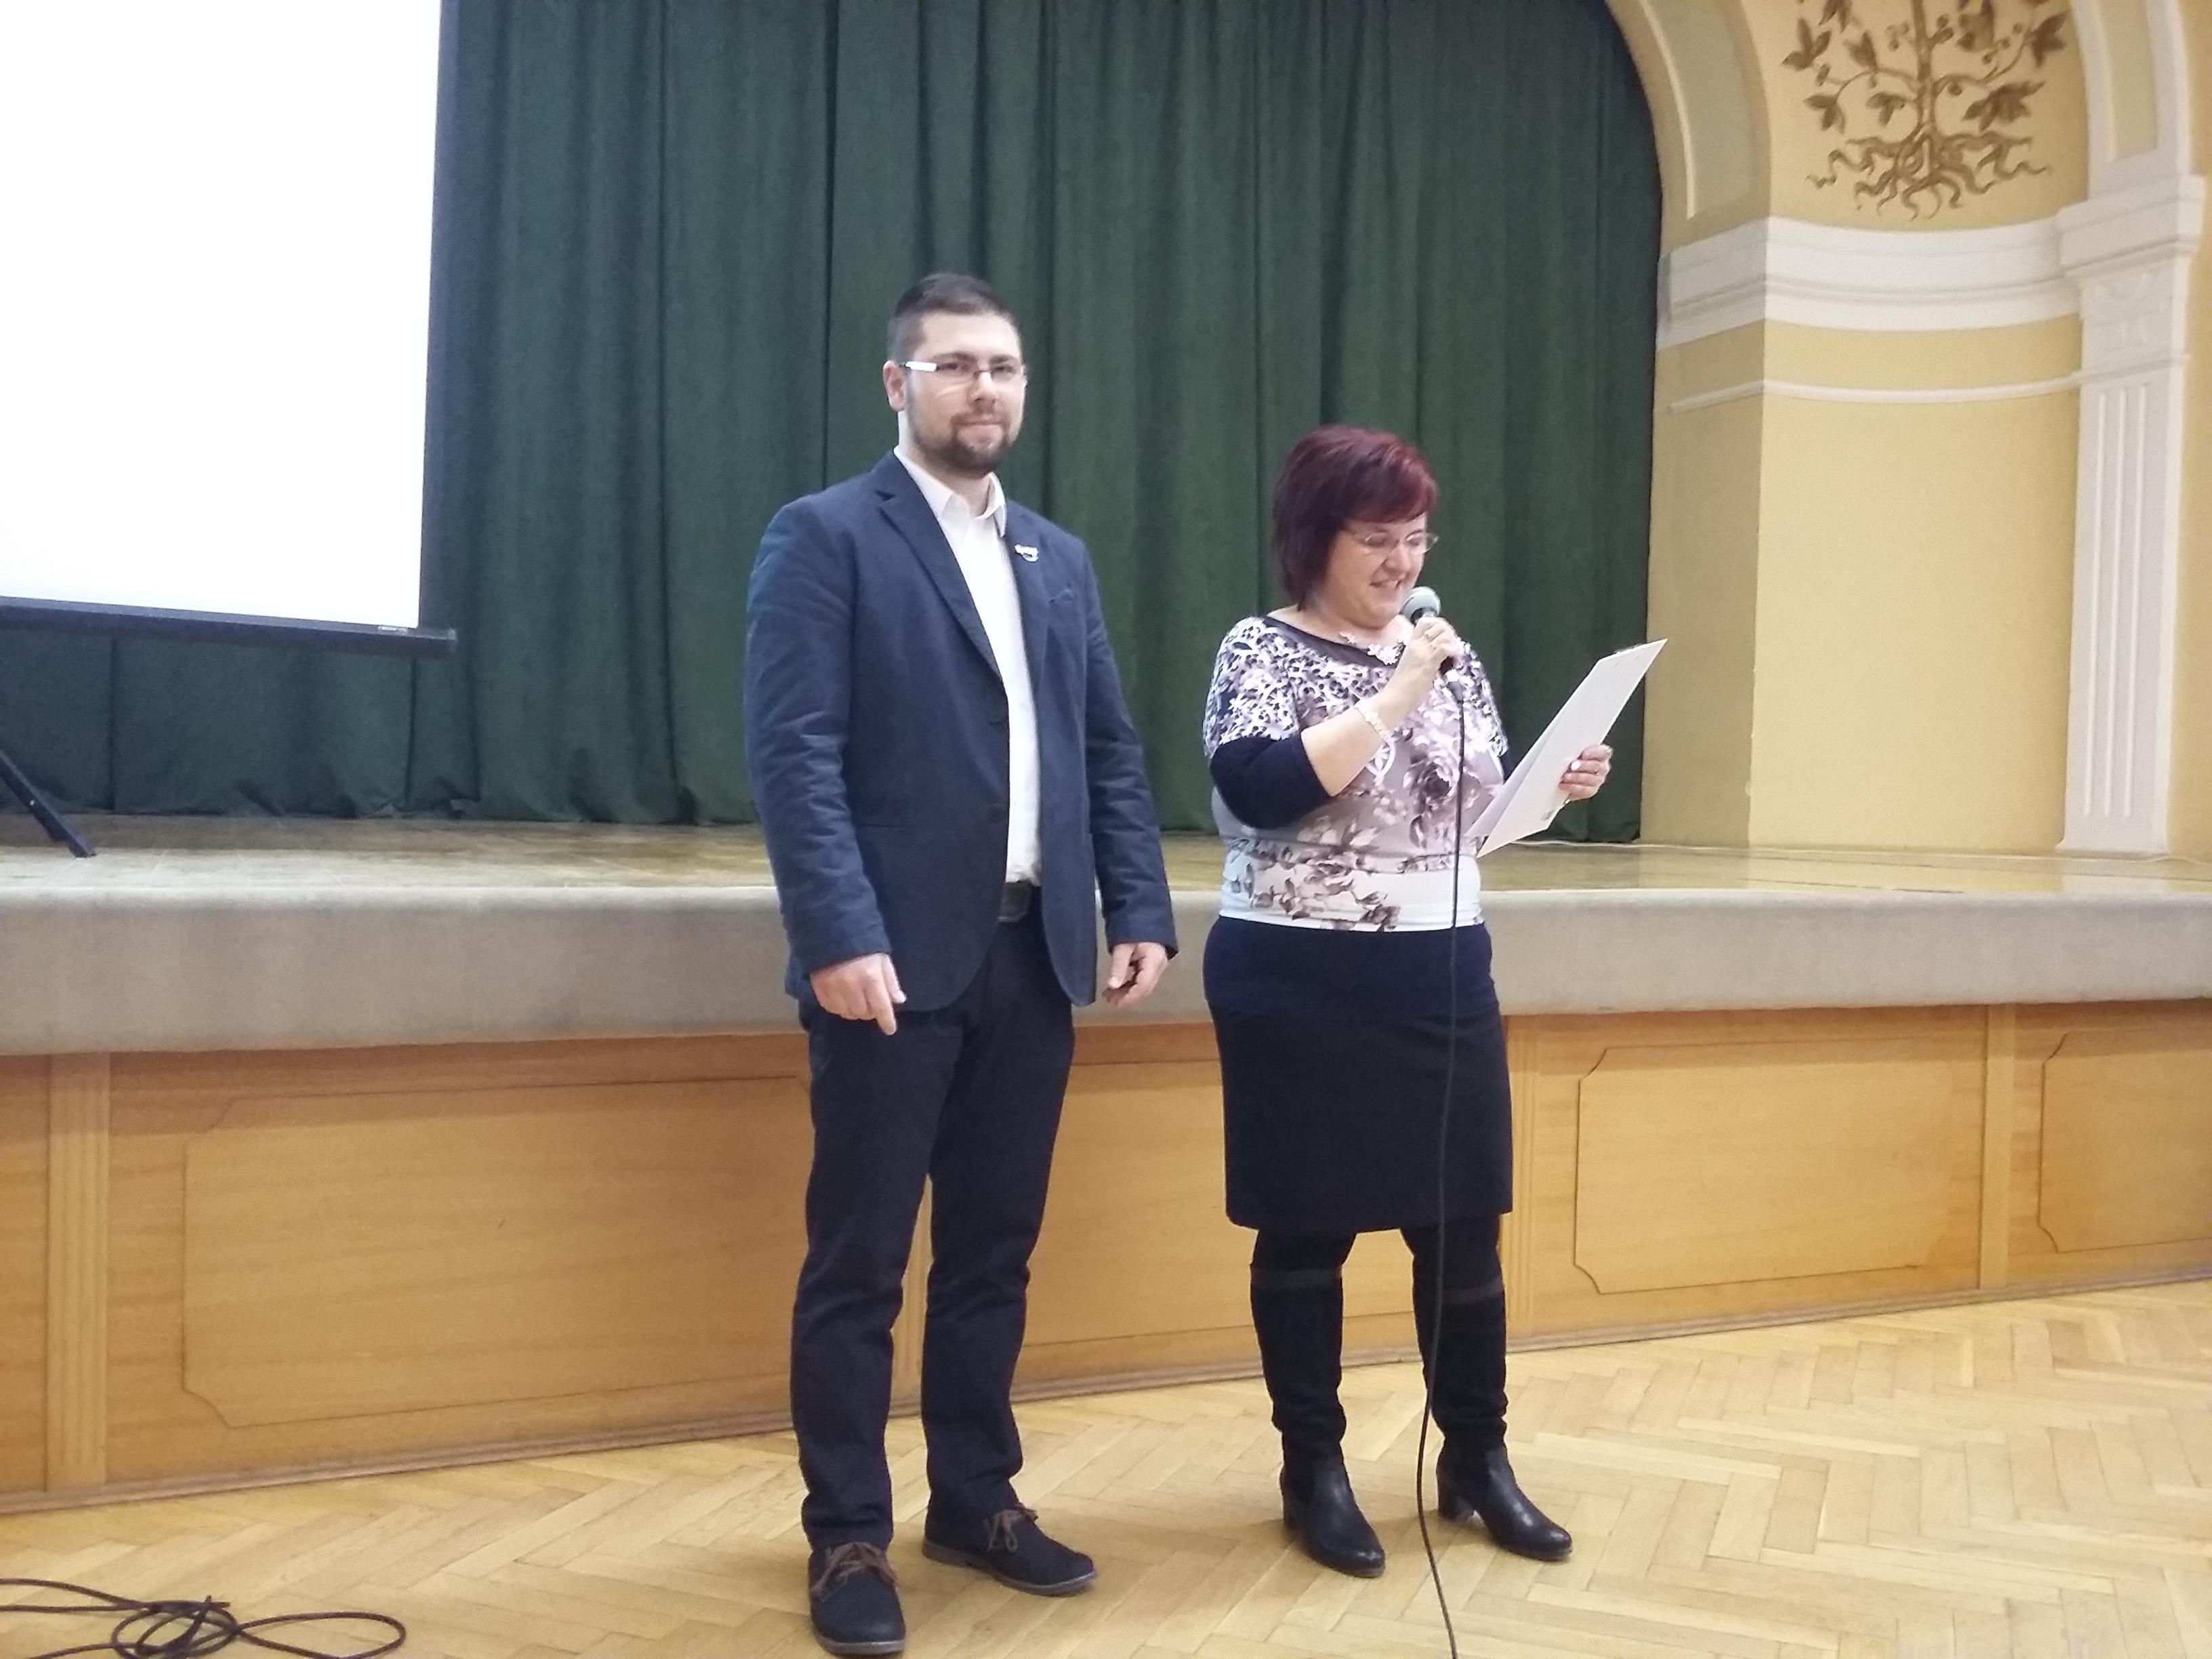 Akik előkészítették (és vezették) az eseményt: Kis Gergely és Czékus Mónika